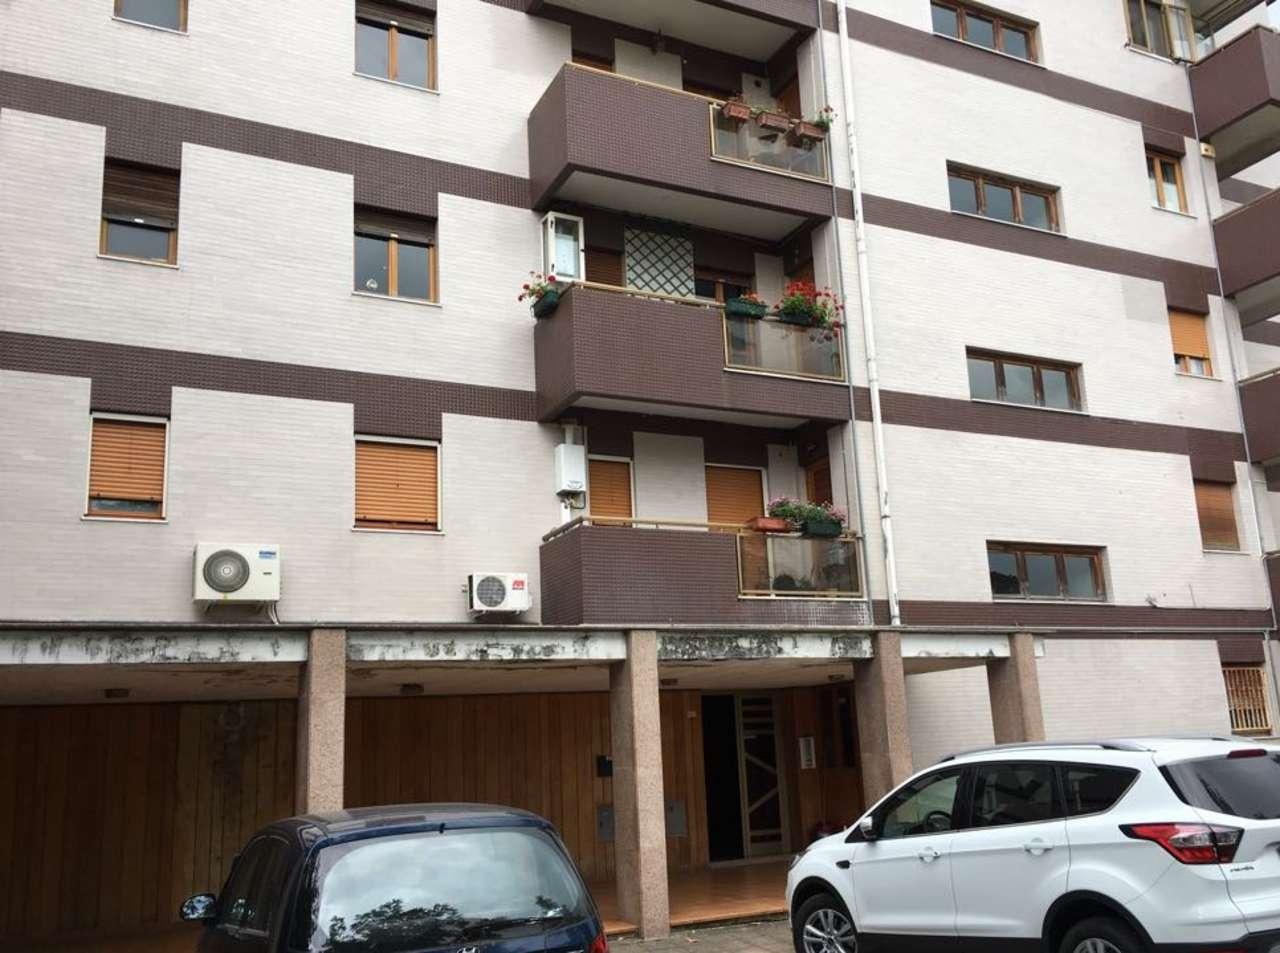 Appartamento in vendita in via cesare gabriele 53, Cosenza